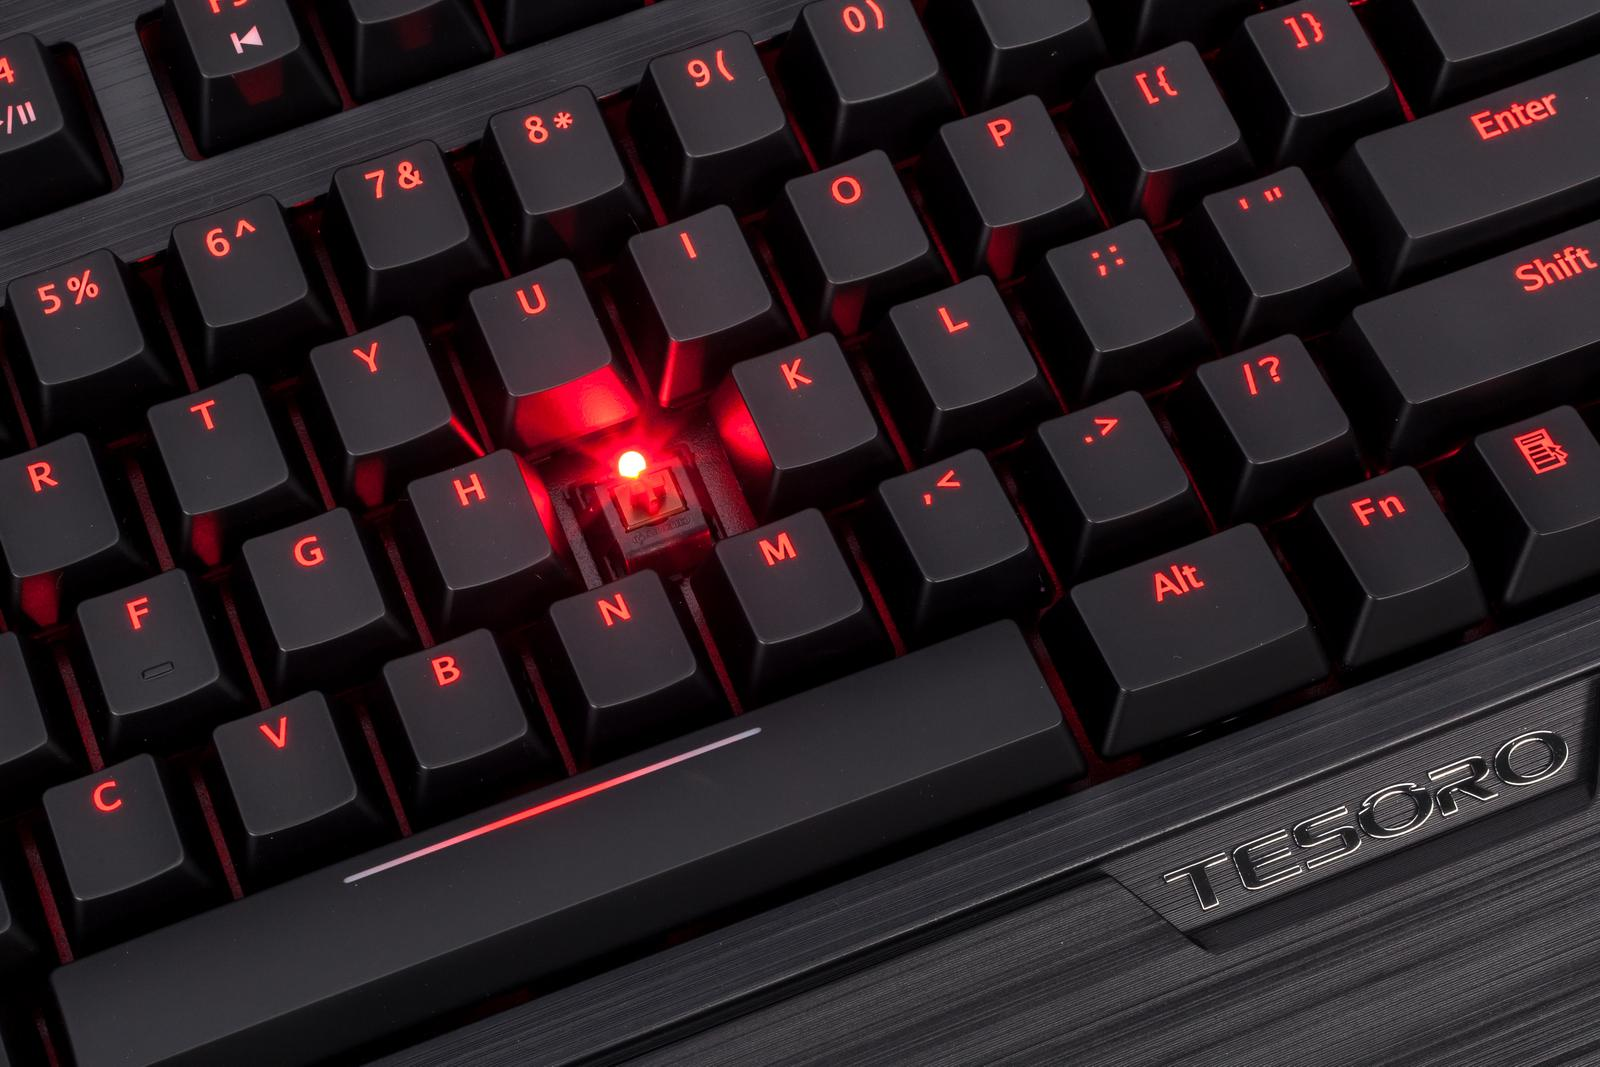 Как выключить компьютер с помощью клавиатуры?